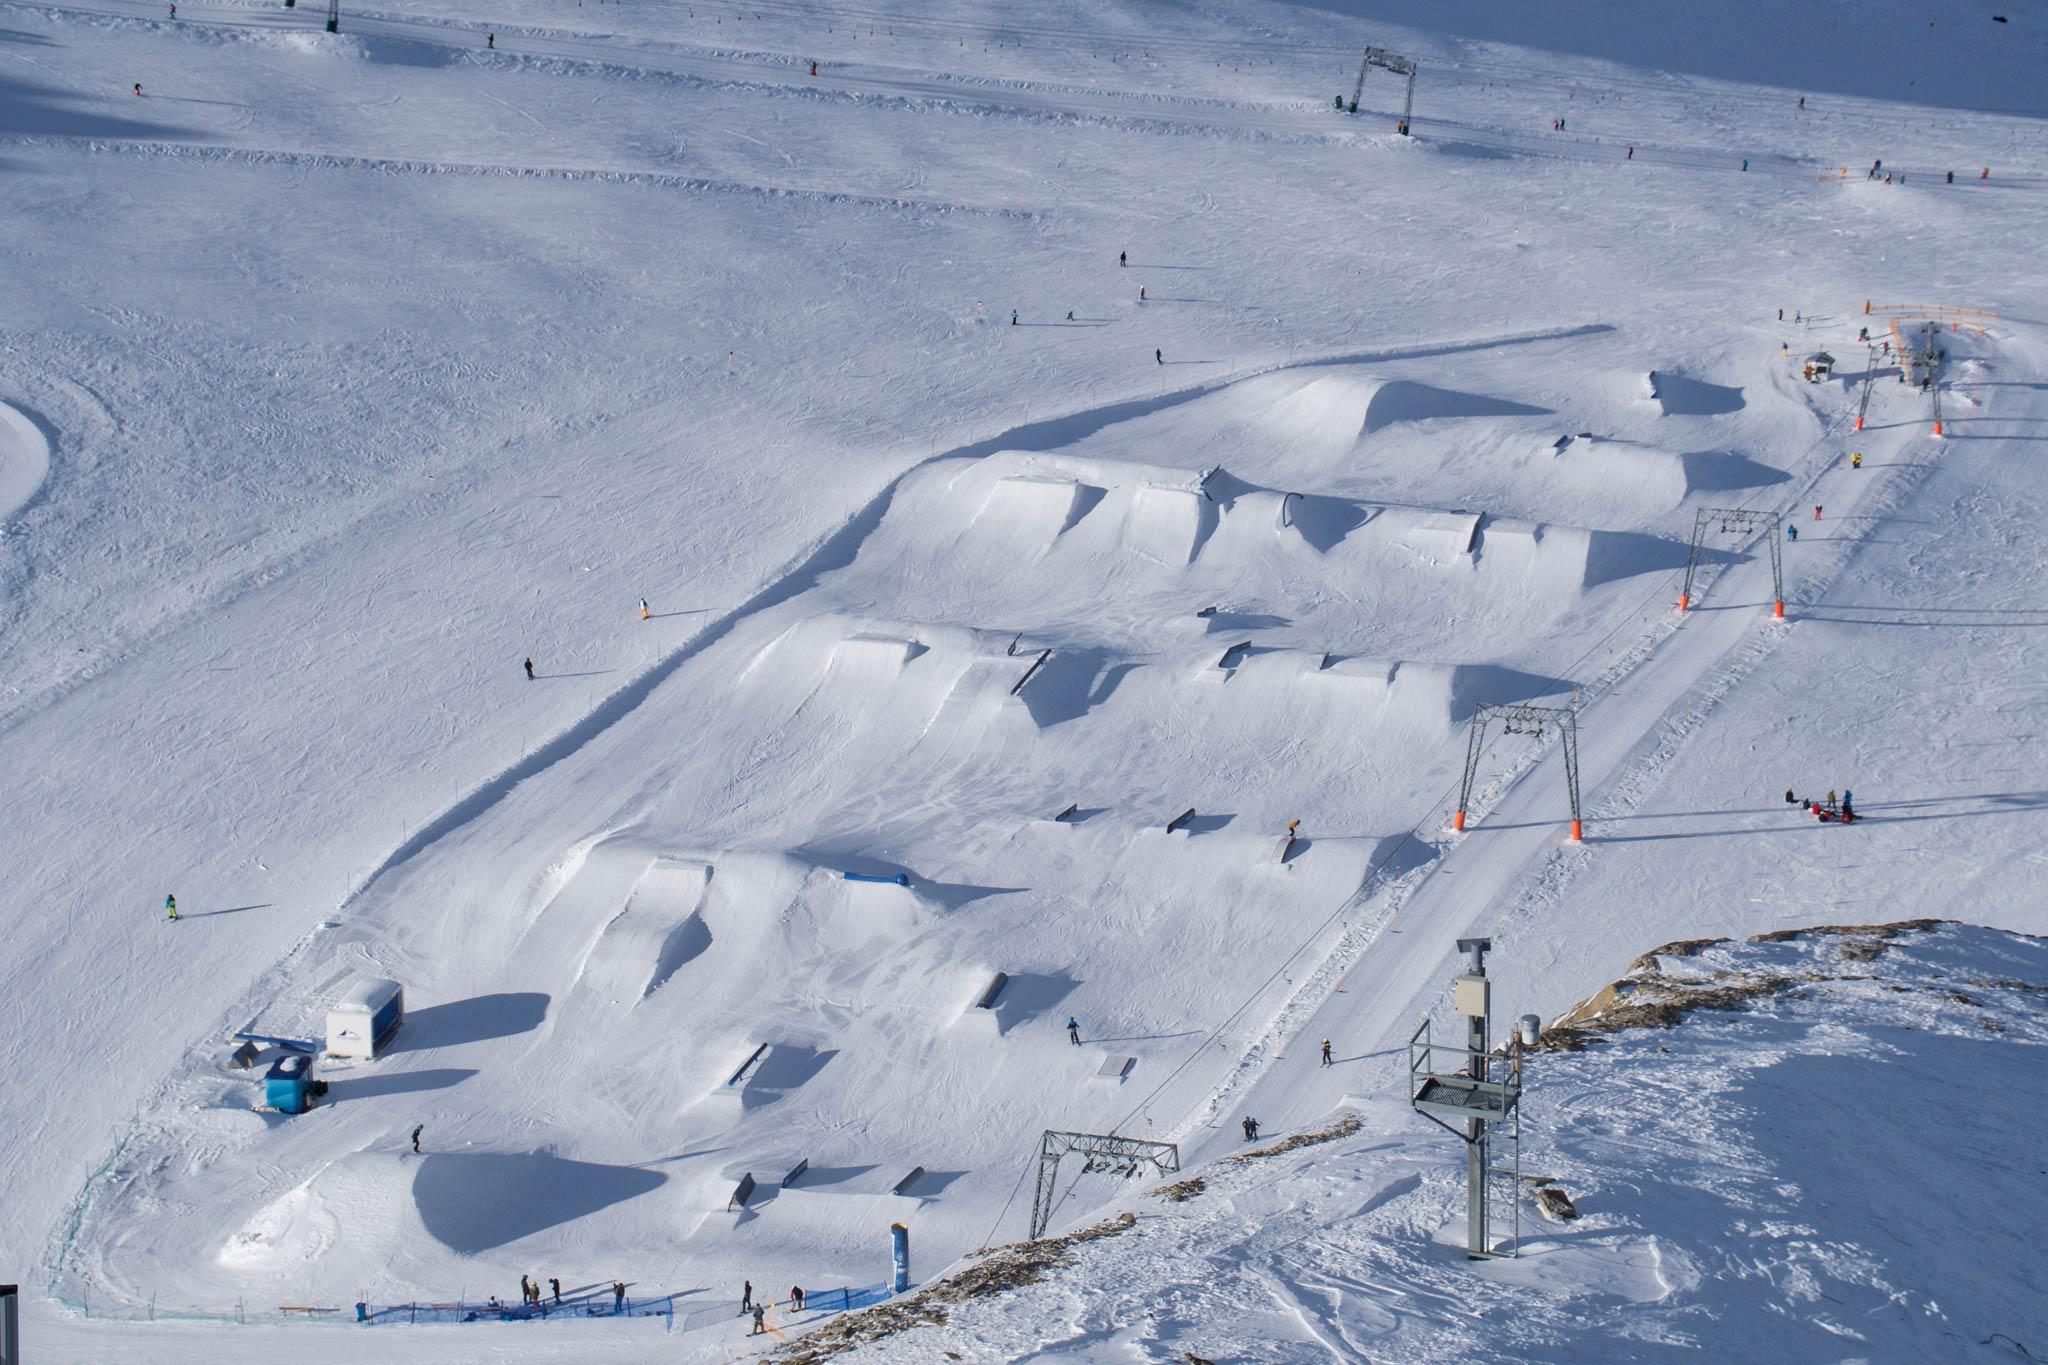 Ab Oktober öffnet der Gletscher Park am Kitzsteinhorn